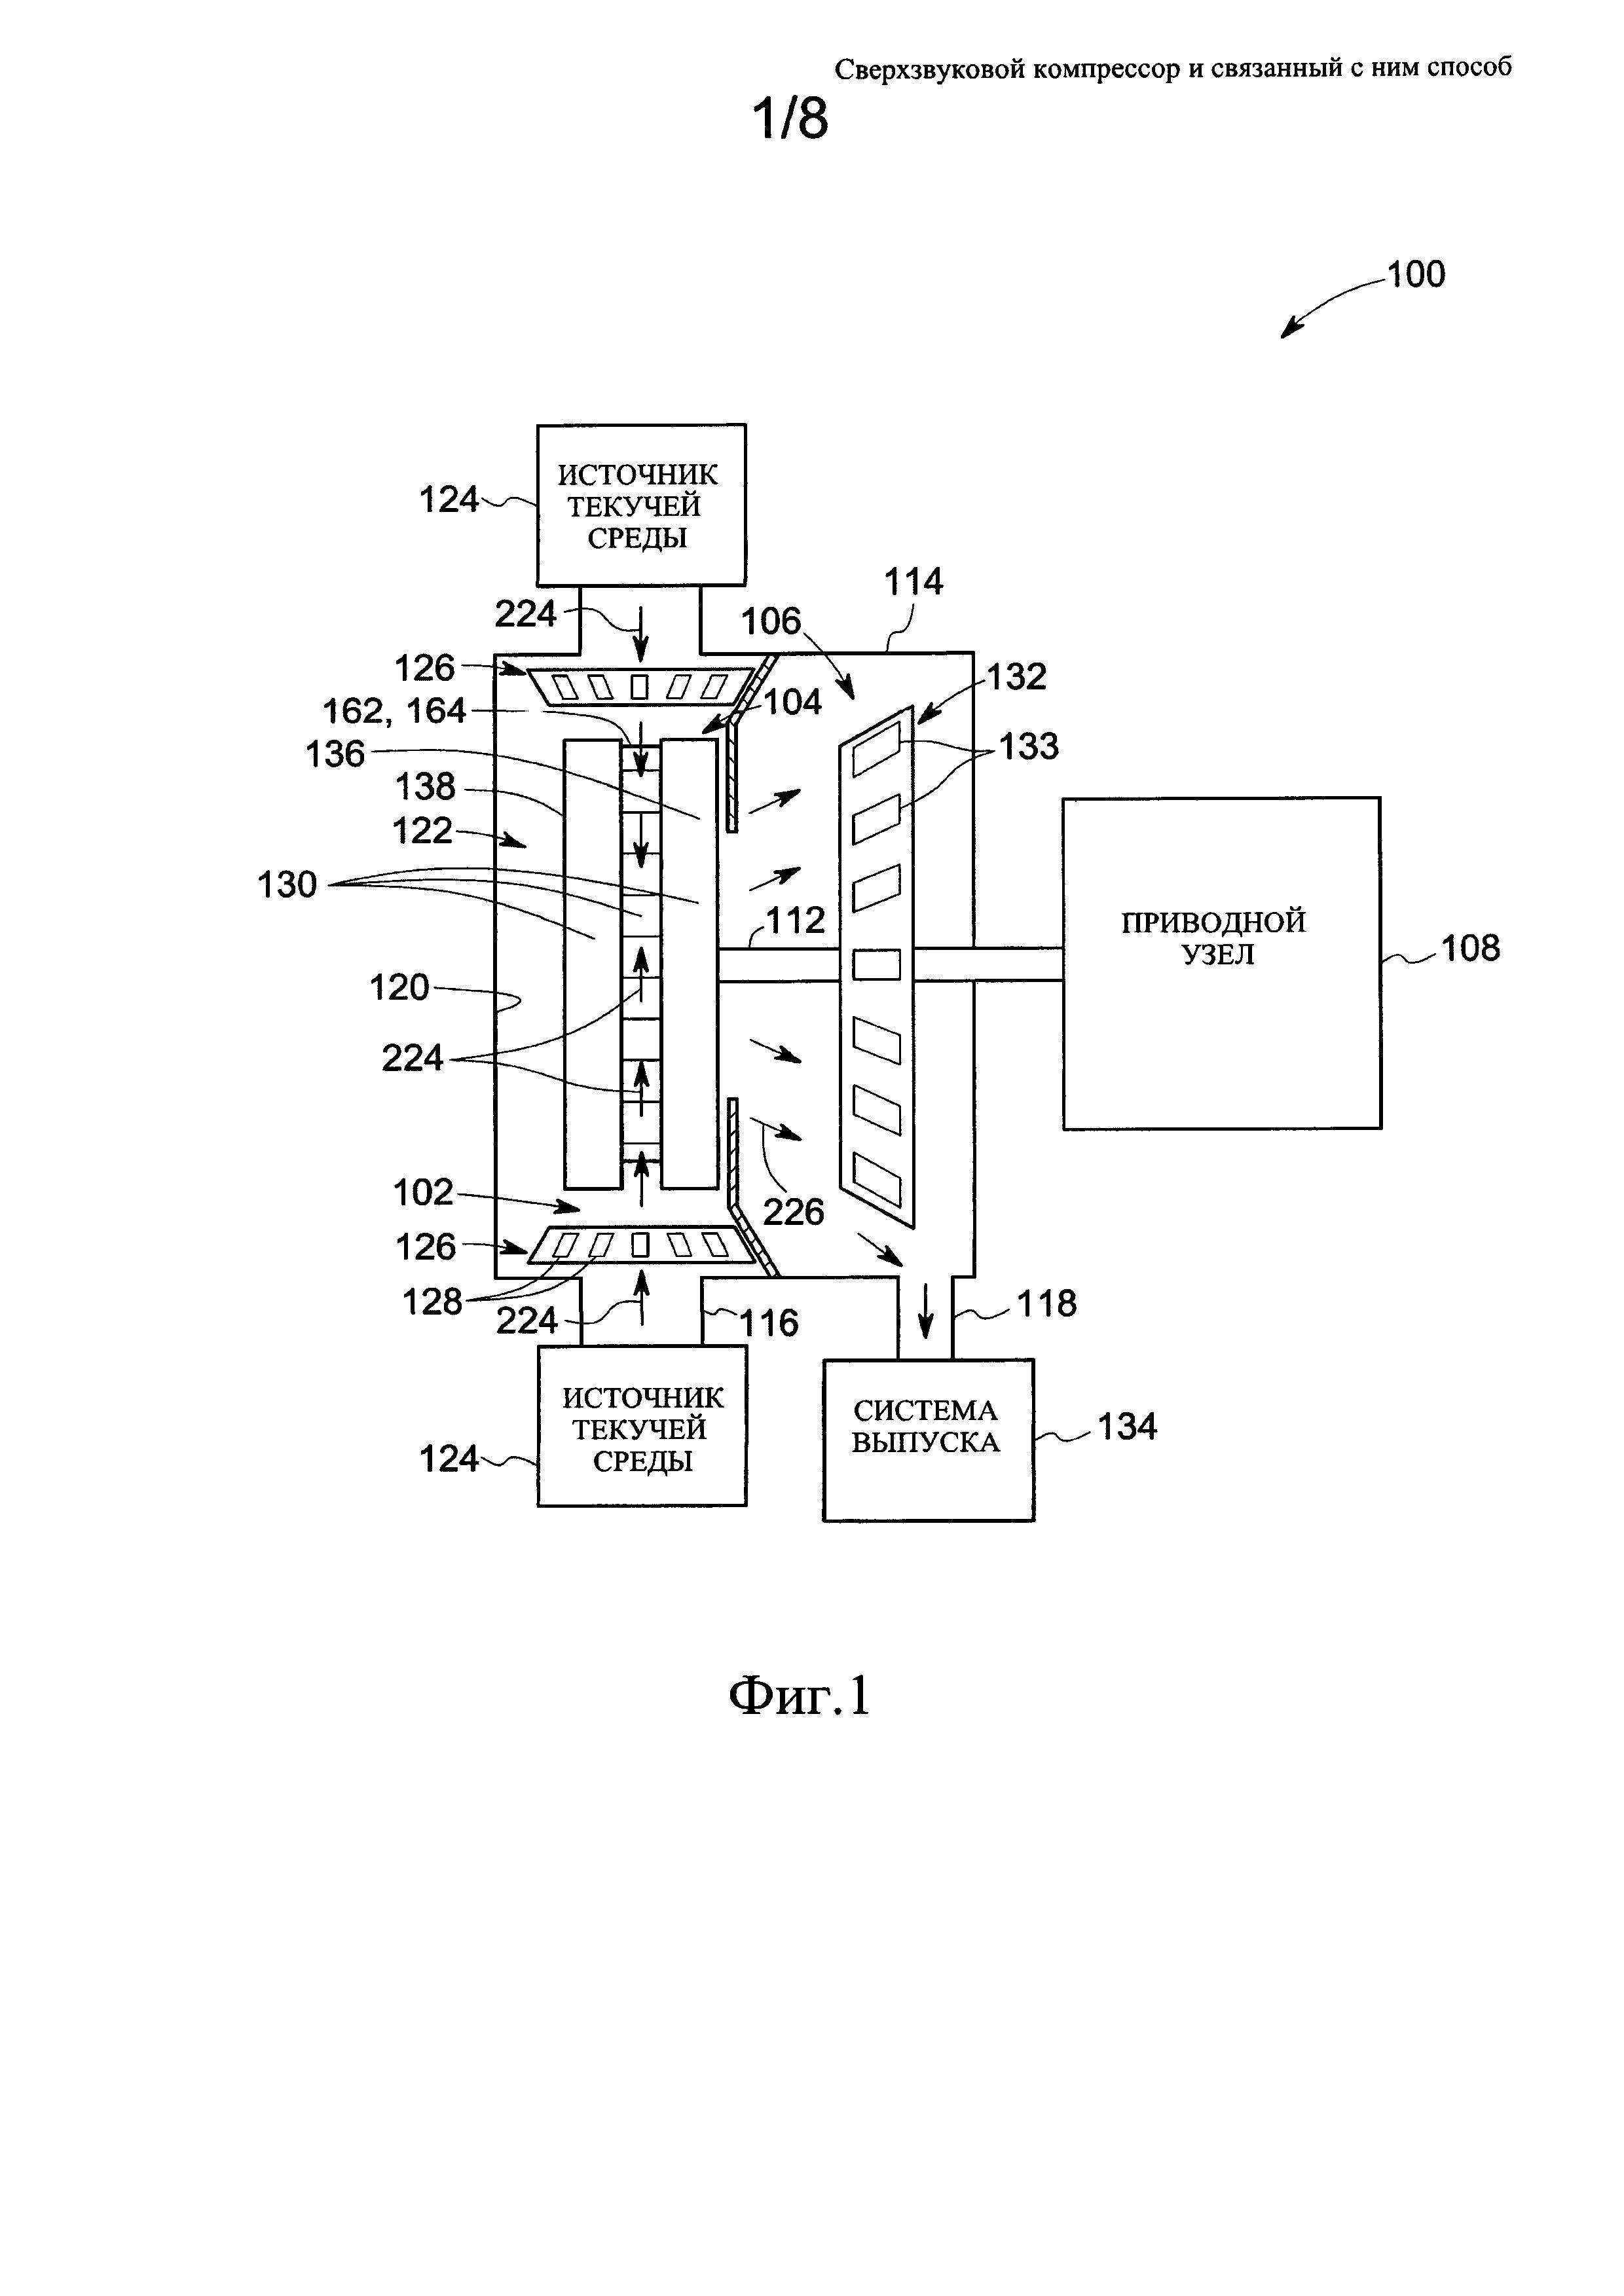 Сверхзвуковой компрессор и связанный с ним способ